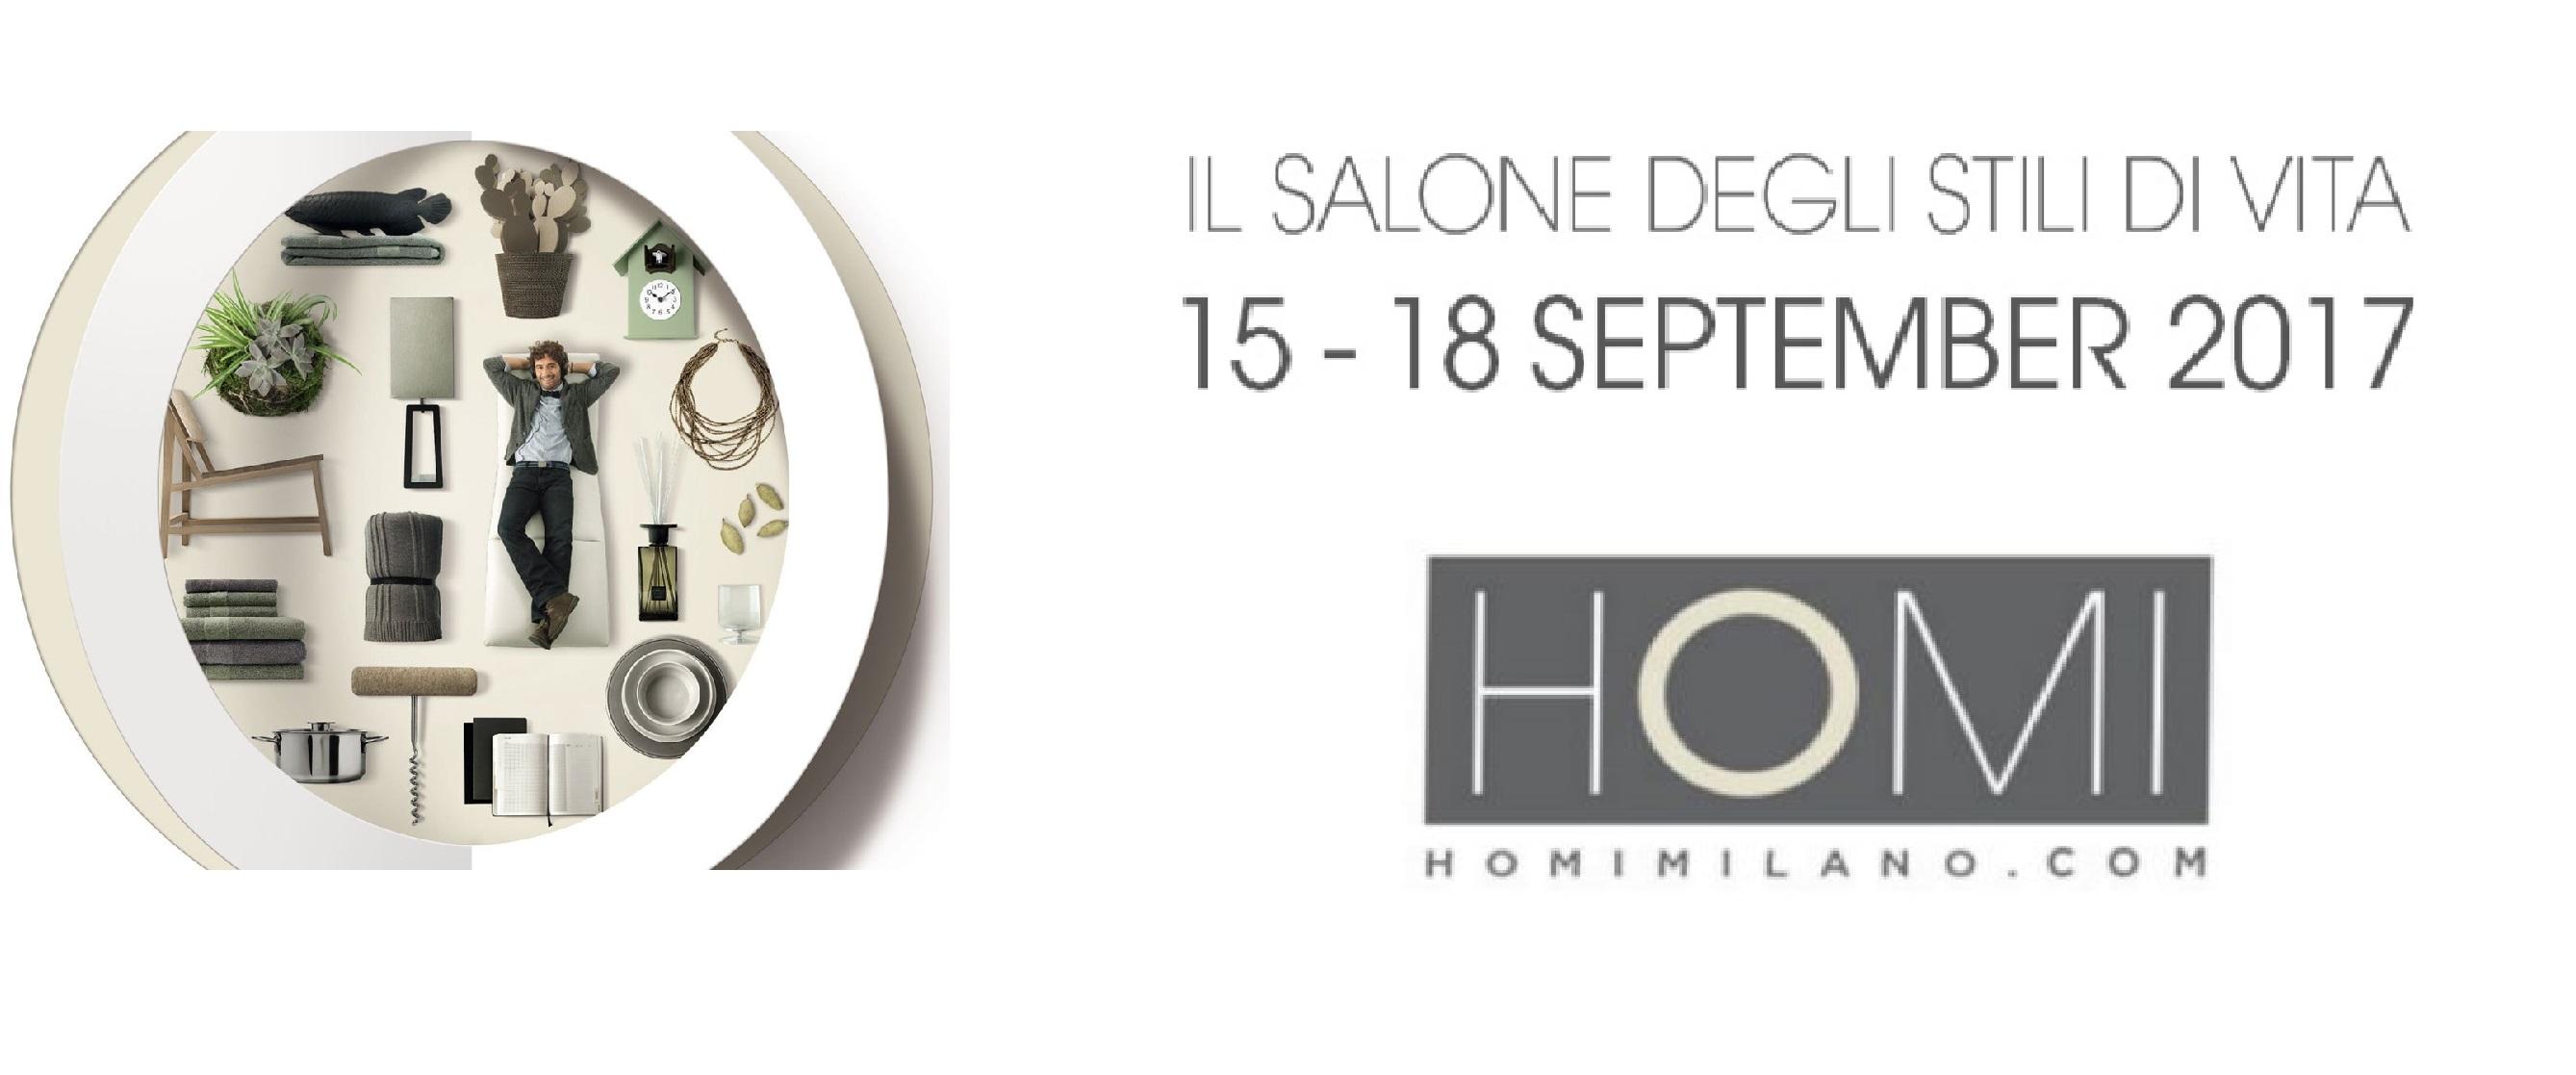 Homi salone internazionale dell arredamento fiera milano for Fiere arredamento 2017